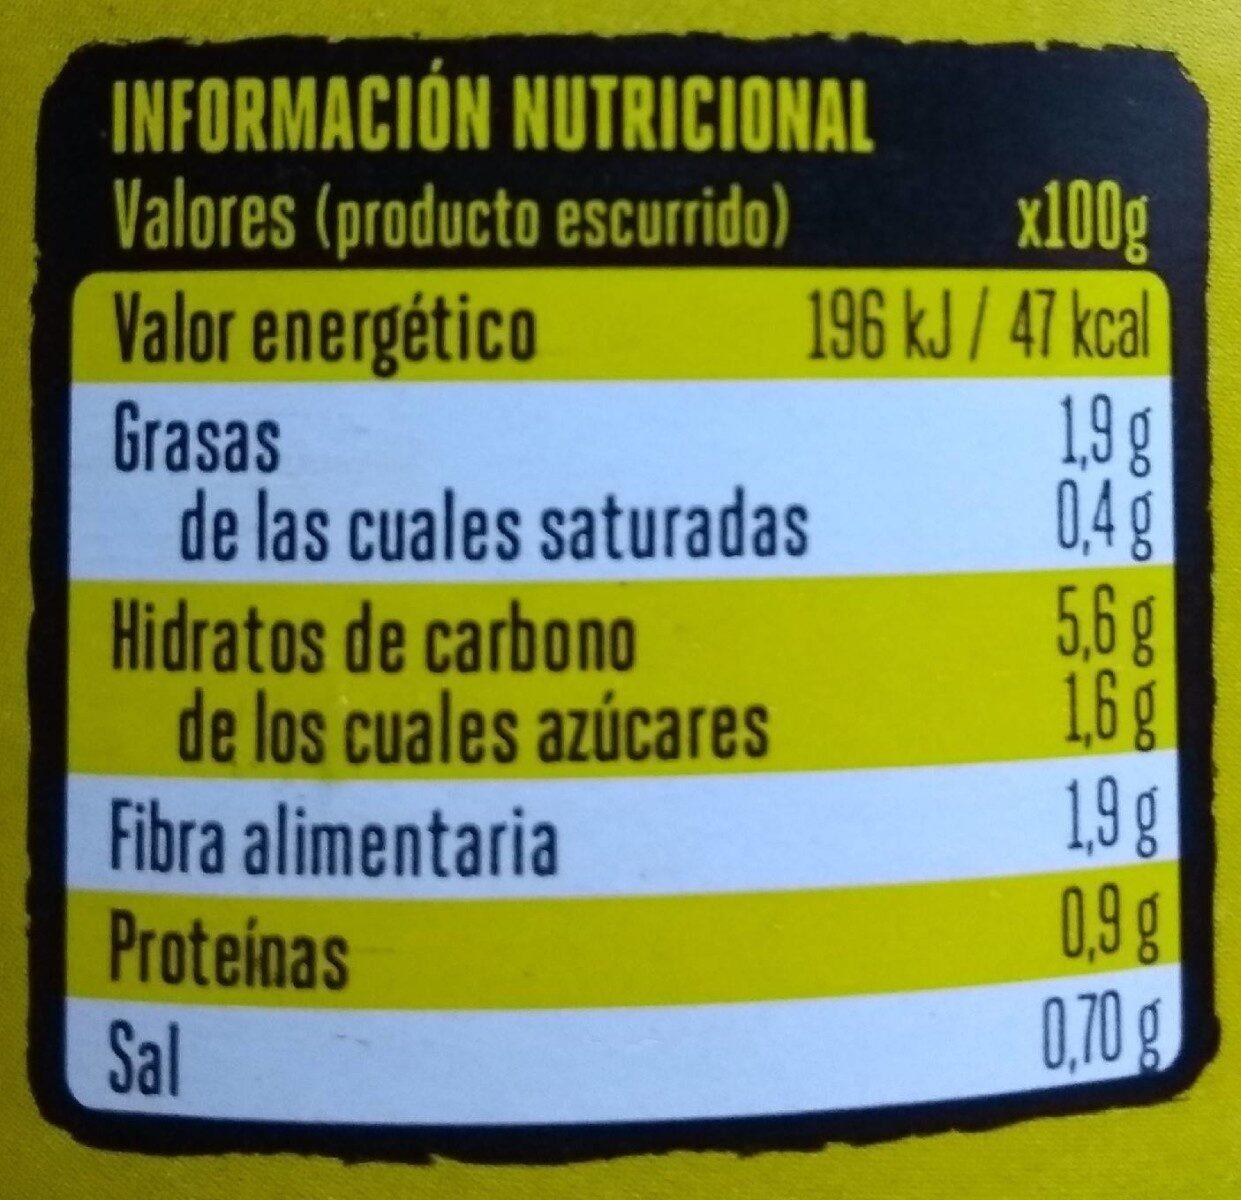 Ensalada campera - Información nutricional